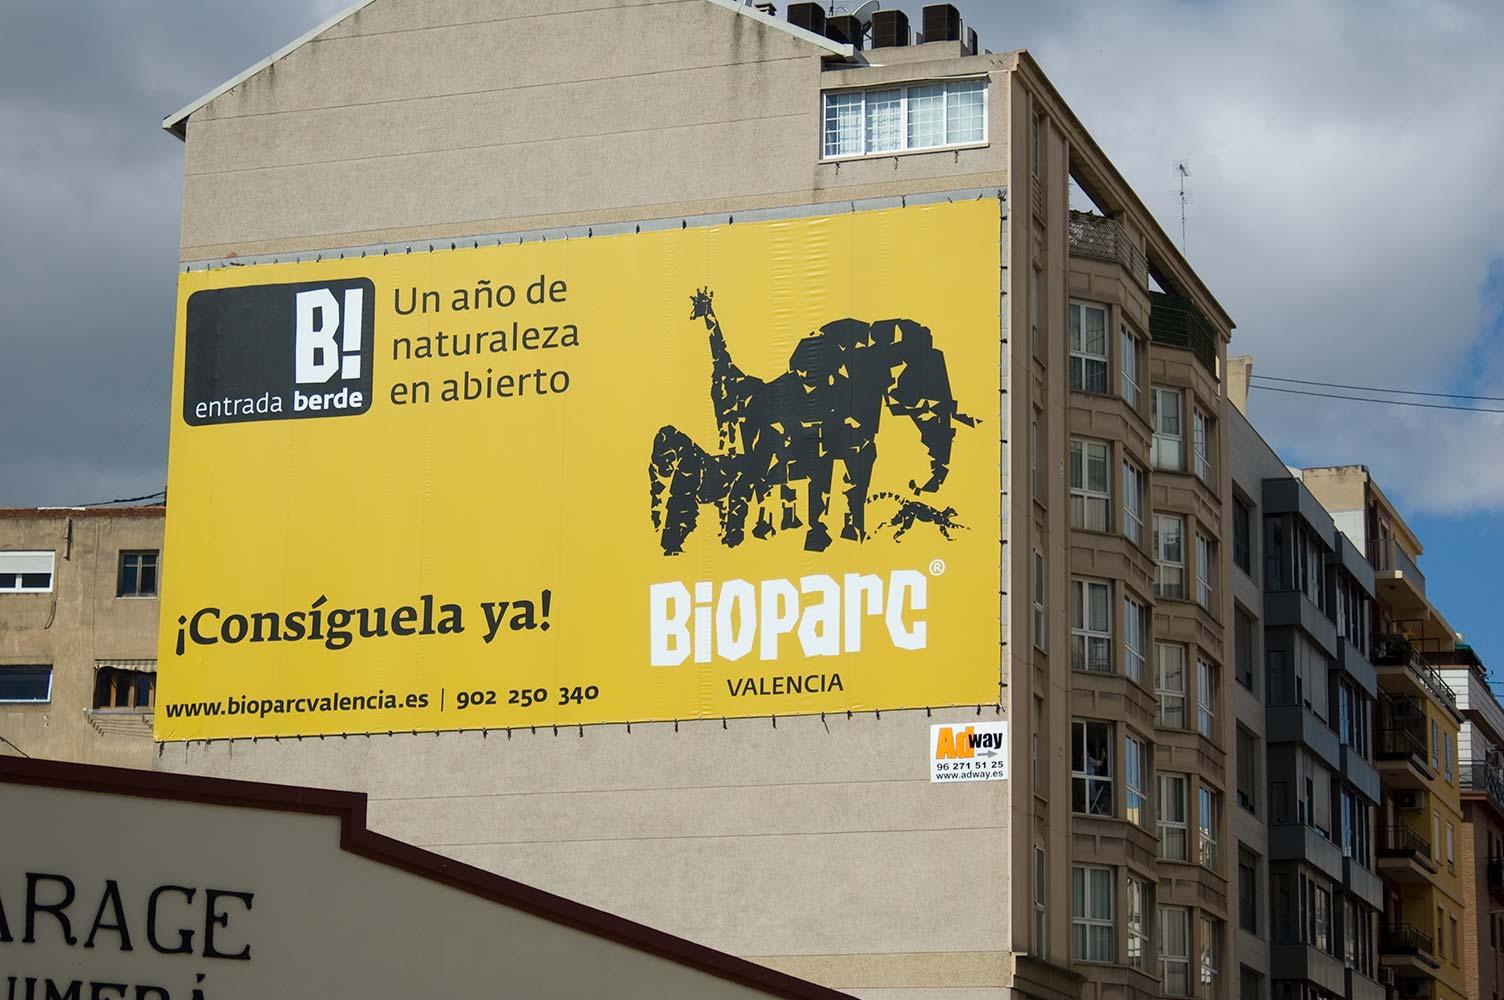 Lona gan formato publicidad exterior entrada Berde